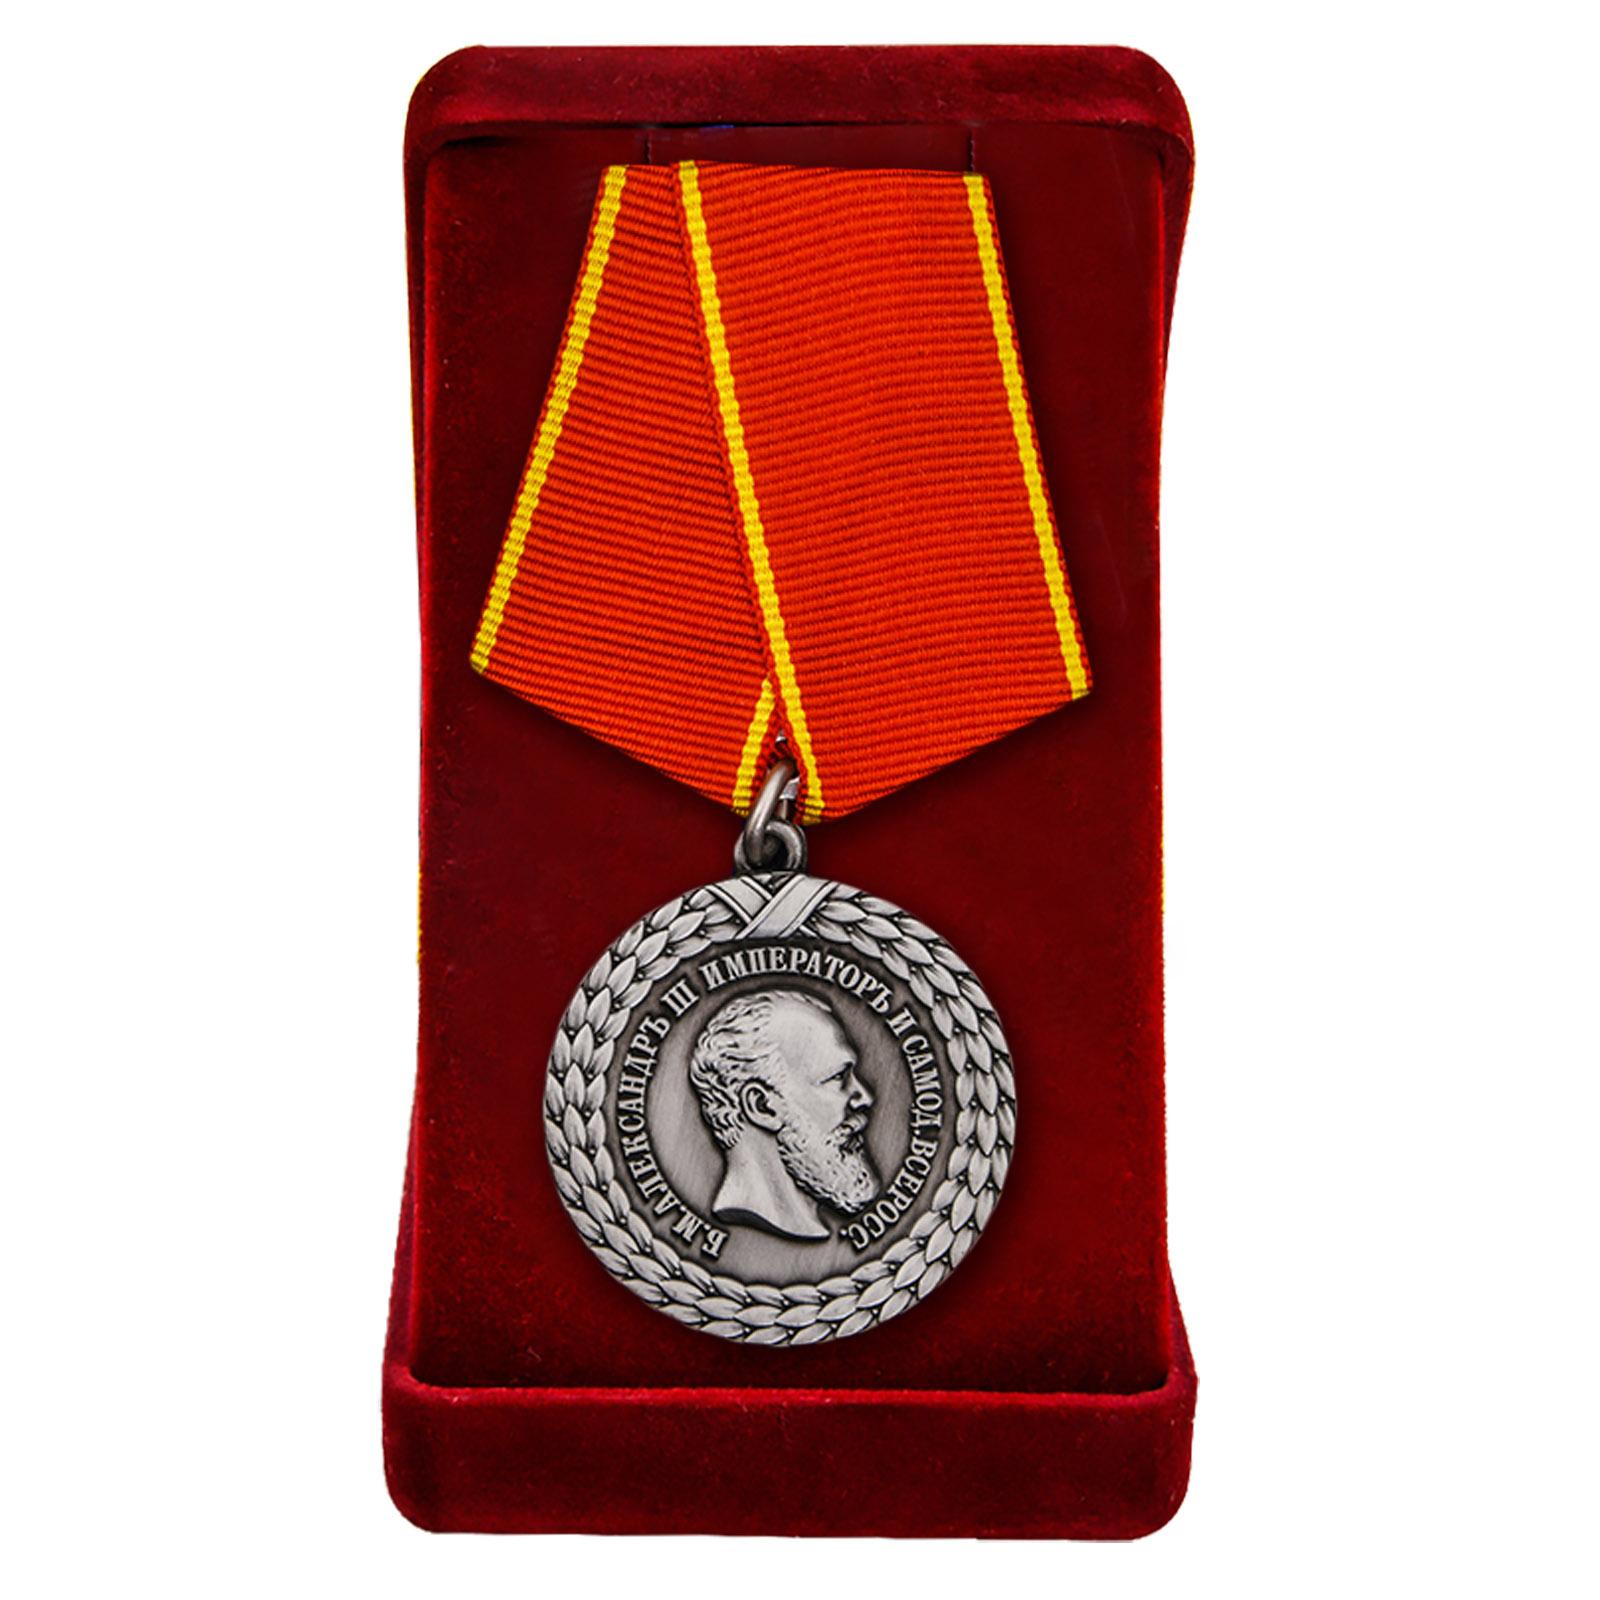 Купить медаль Александра III За беспорочную службу в тюремной страже по низкой цене